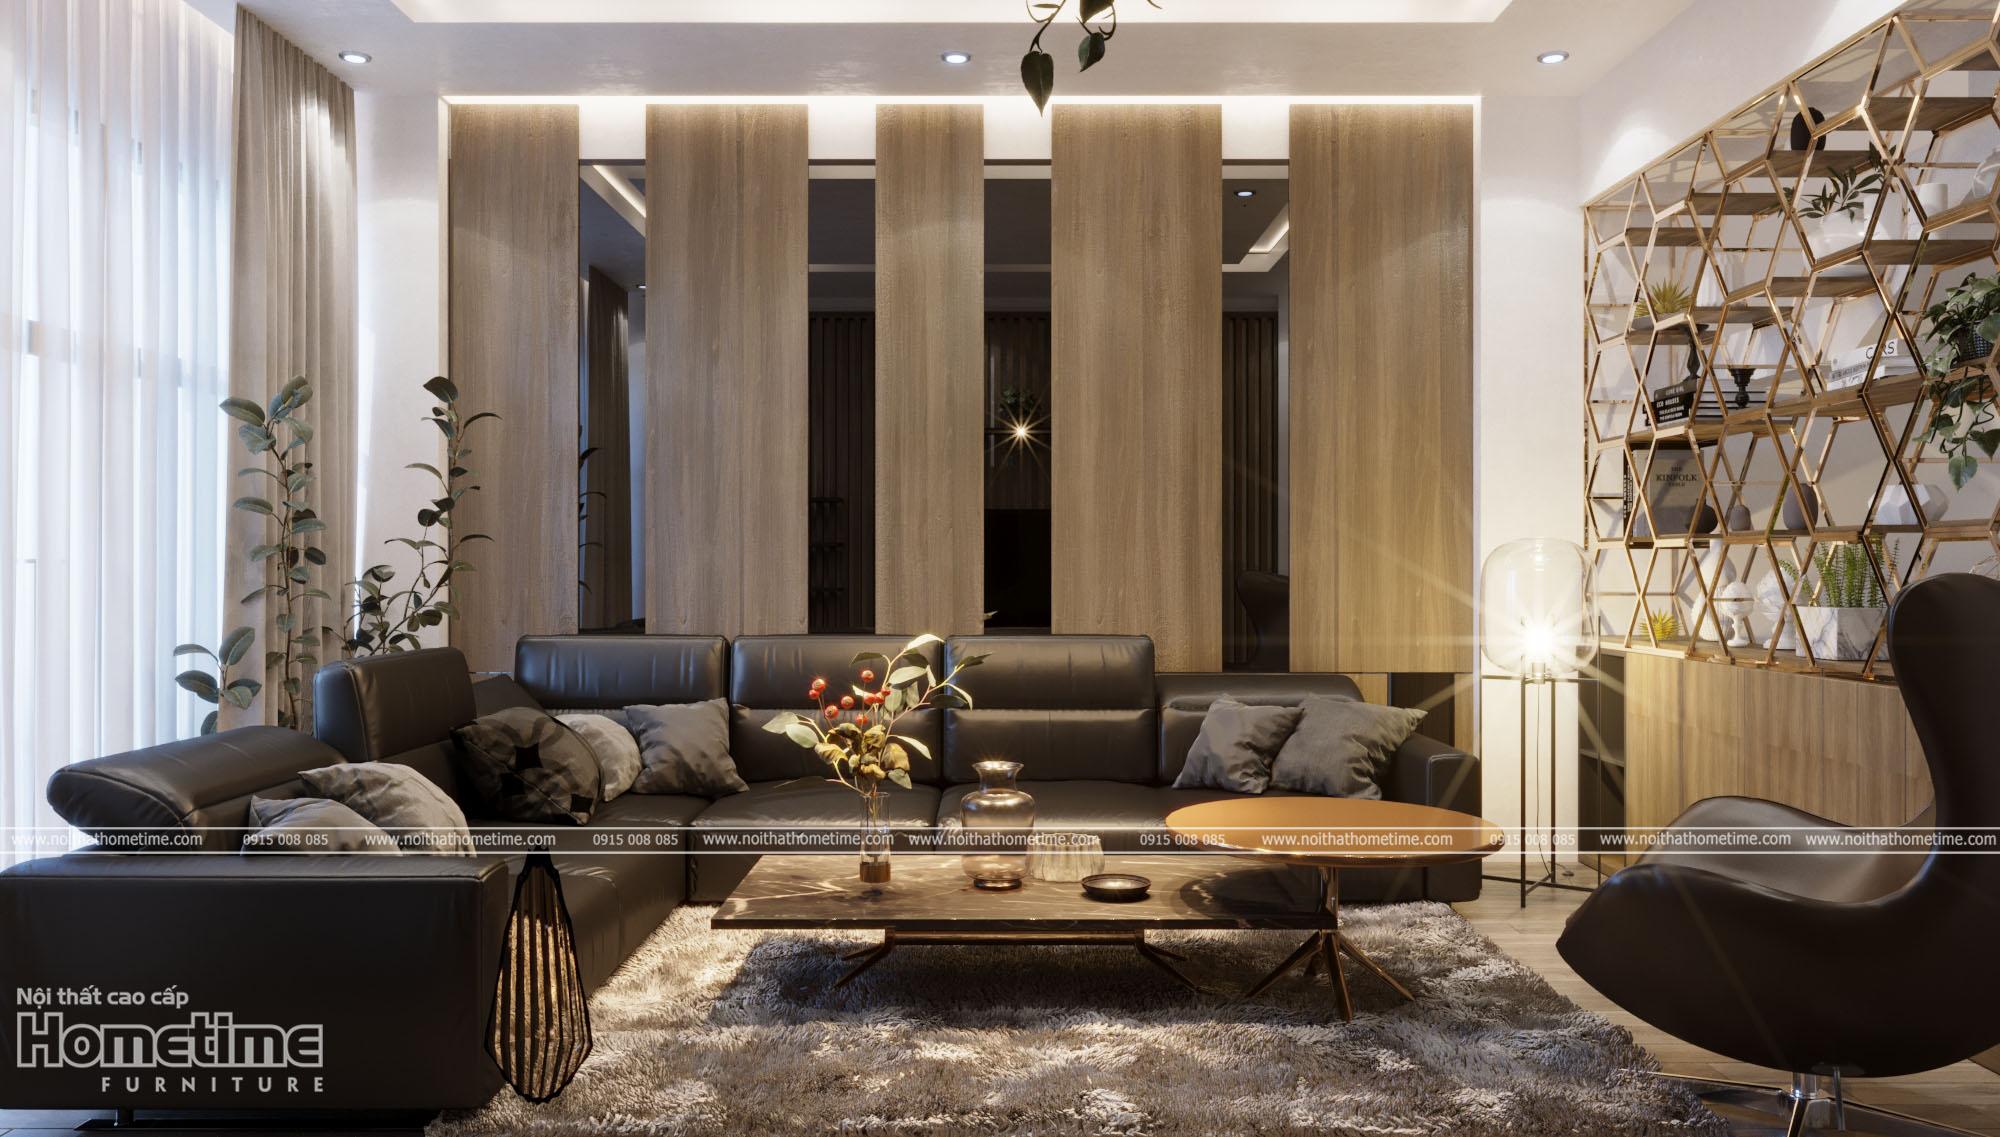 Hình ảnh thiết kế nội thất phòng khách đẹphiện đại 007